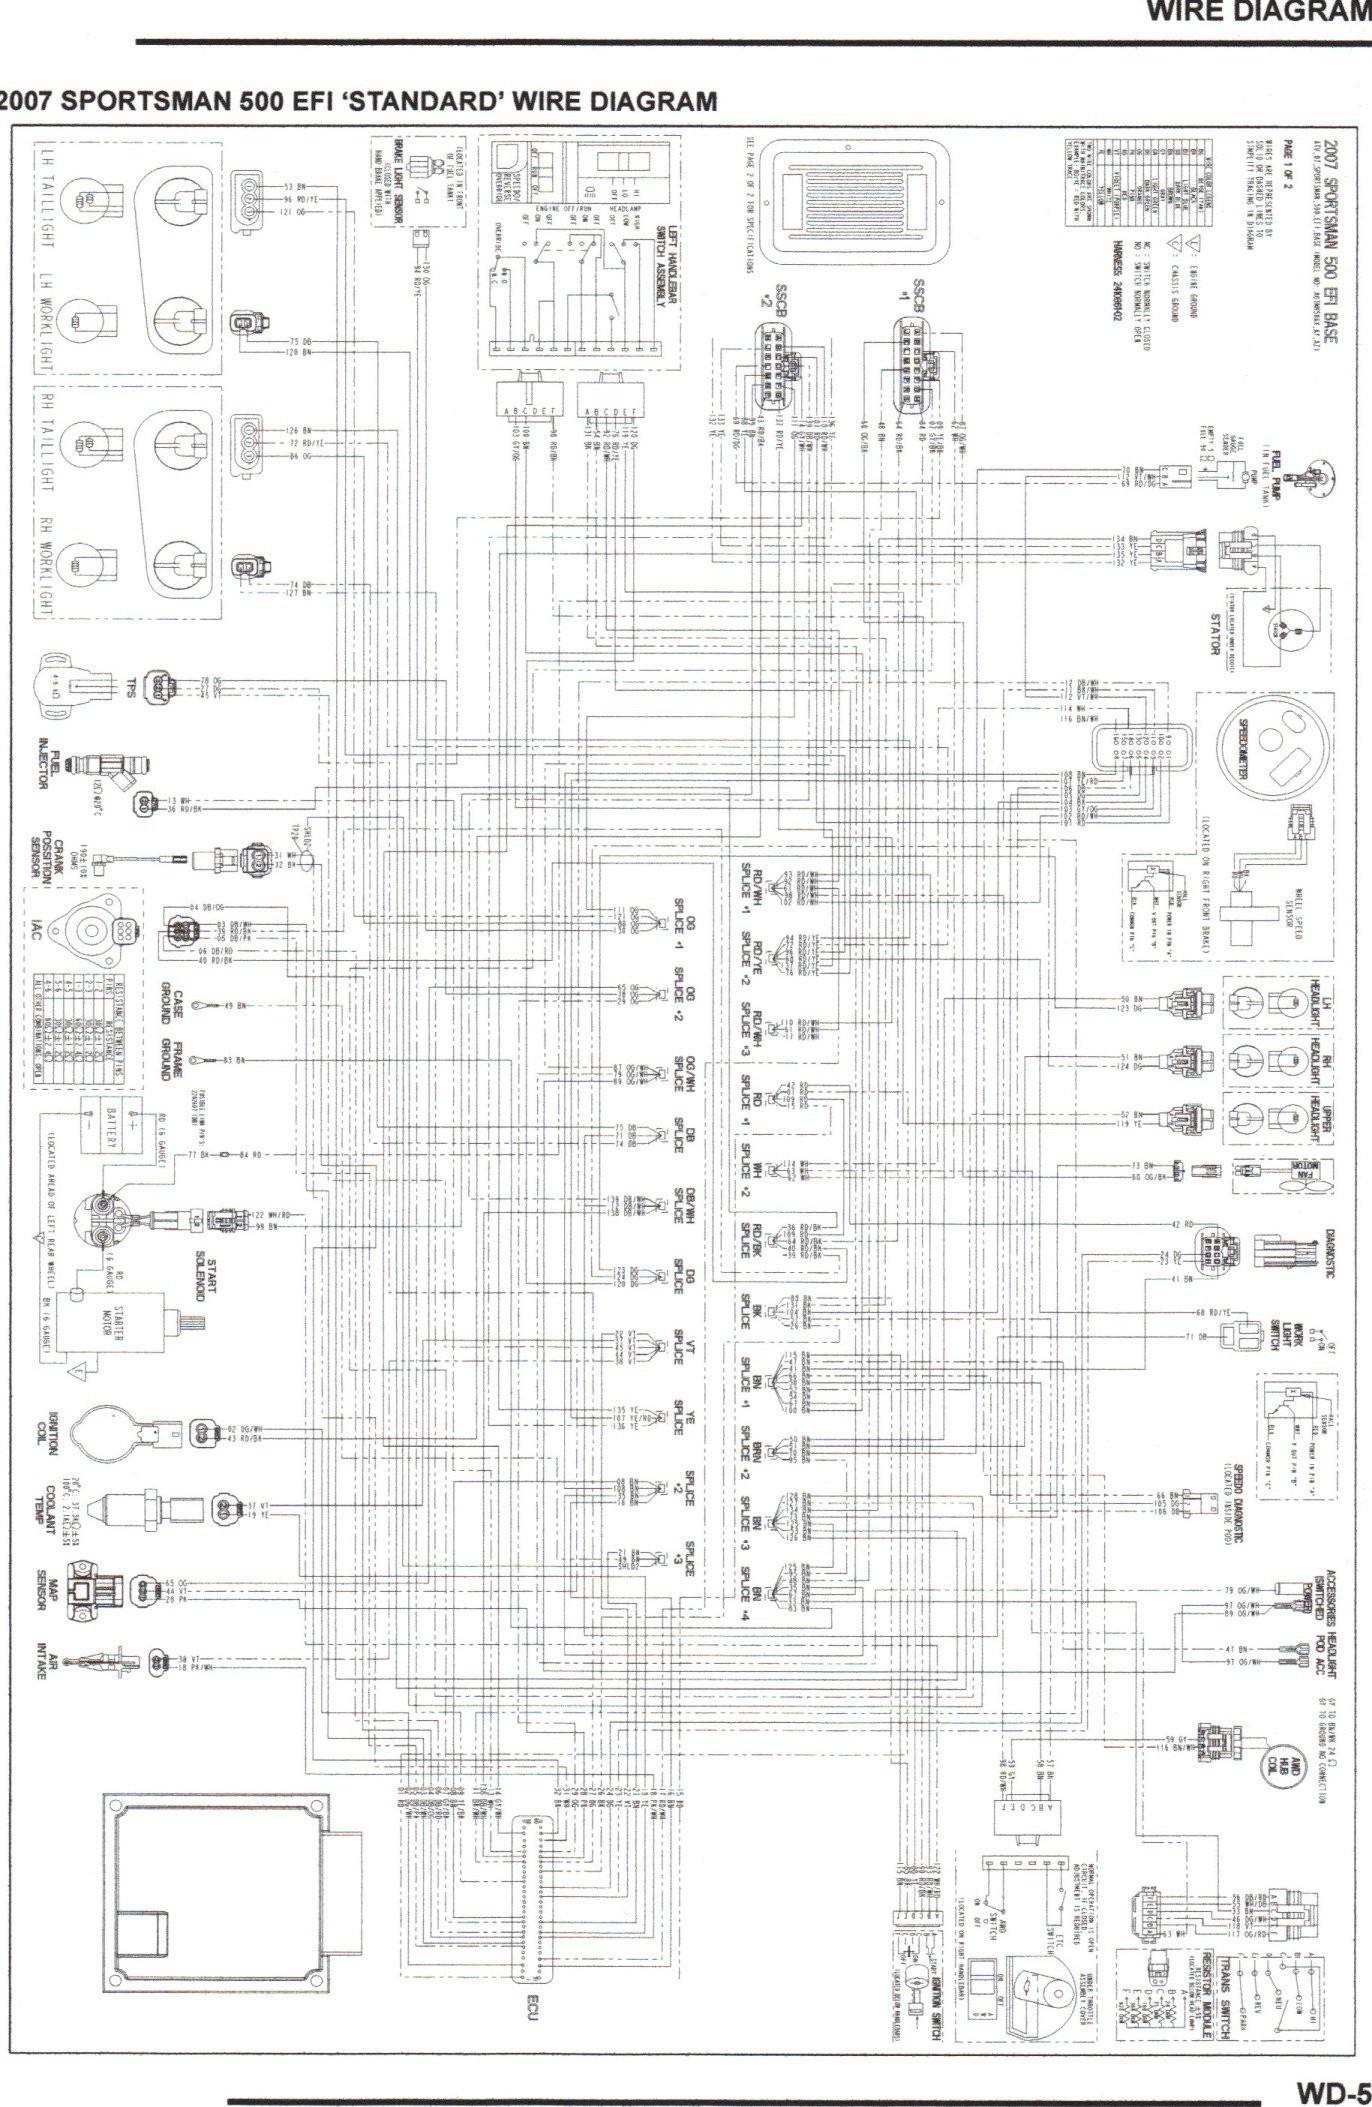 Polaris Ranger 500 Wiring Diagram 2007 Polaris Wiring Diagram Library Wiring Diagram • Of Polaris Ranger 500 Wiring Diagram